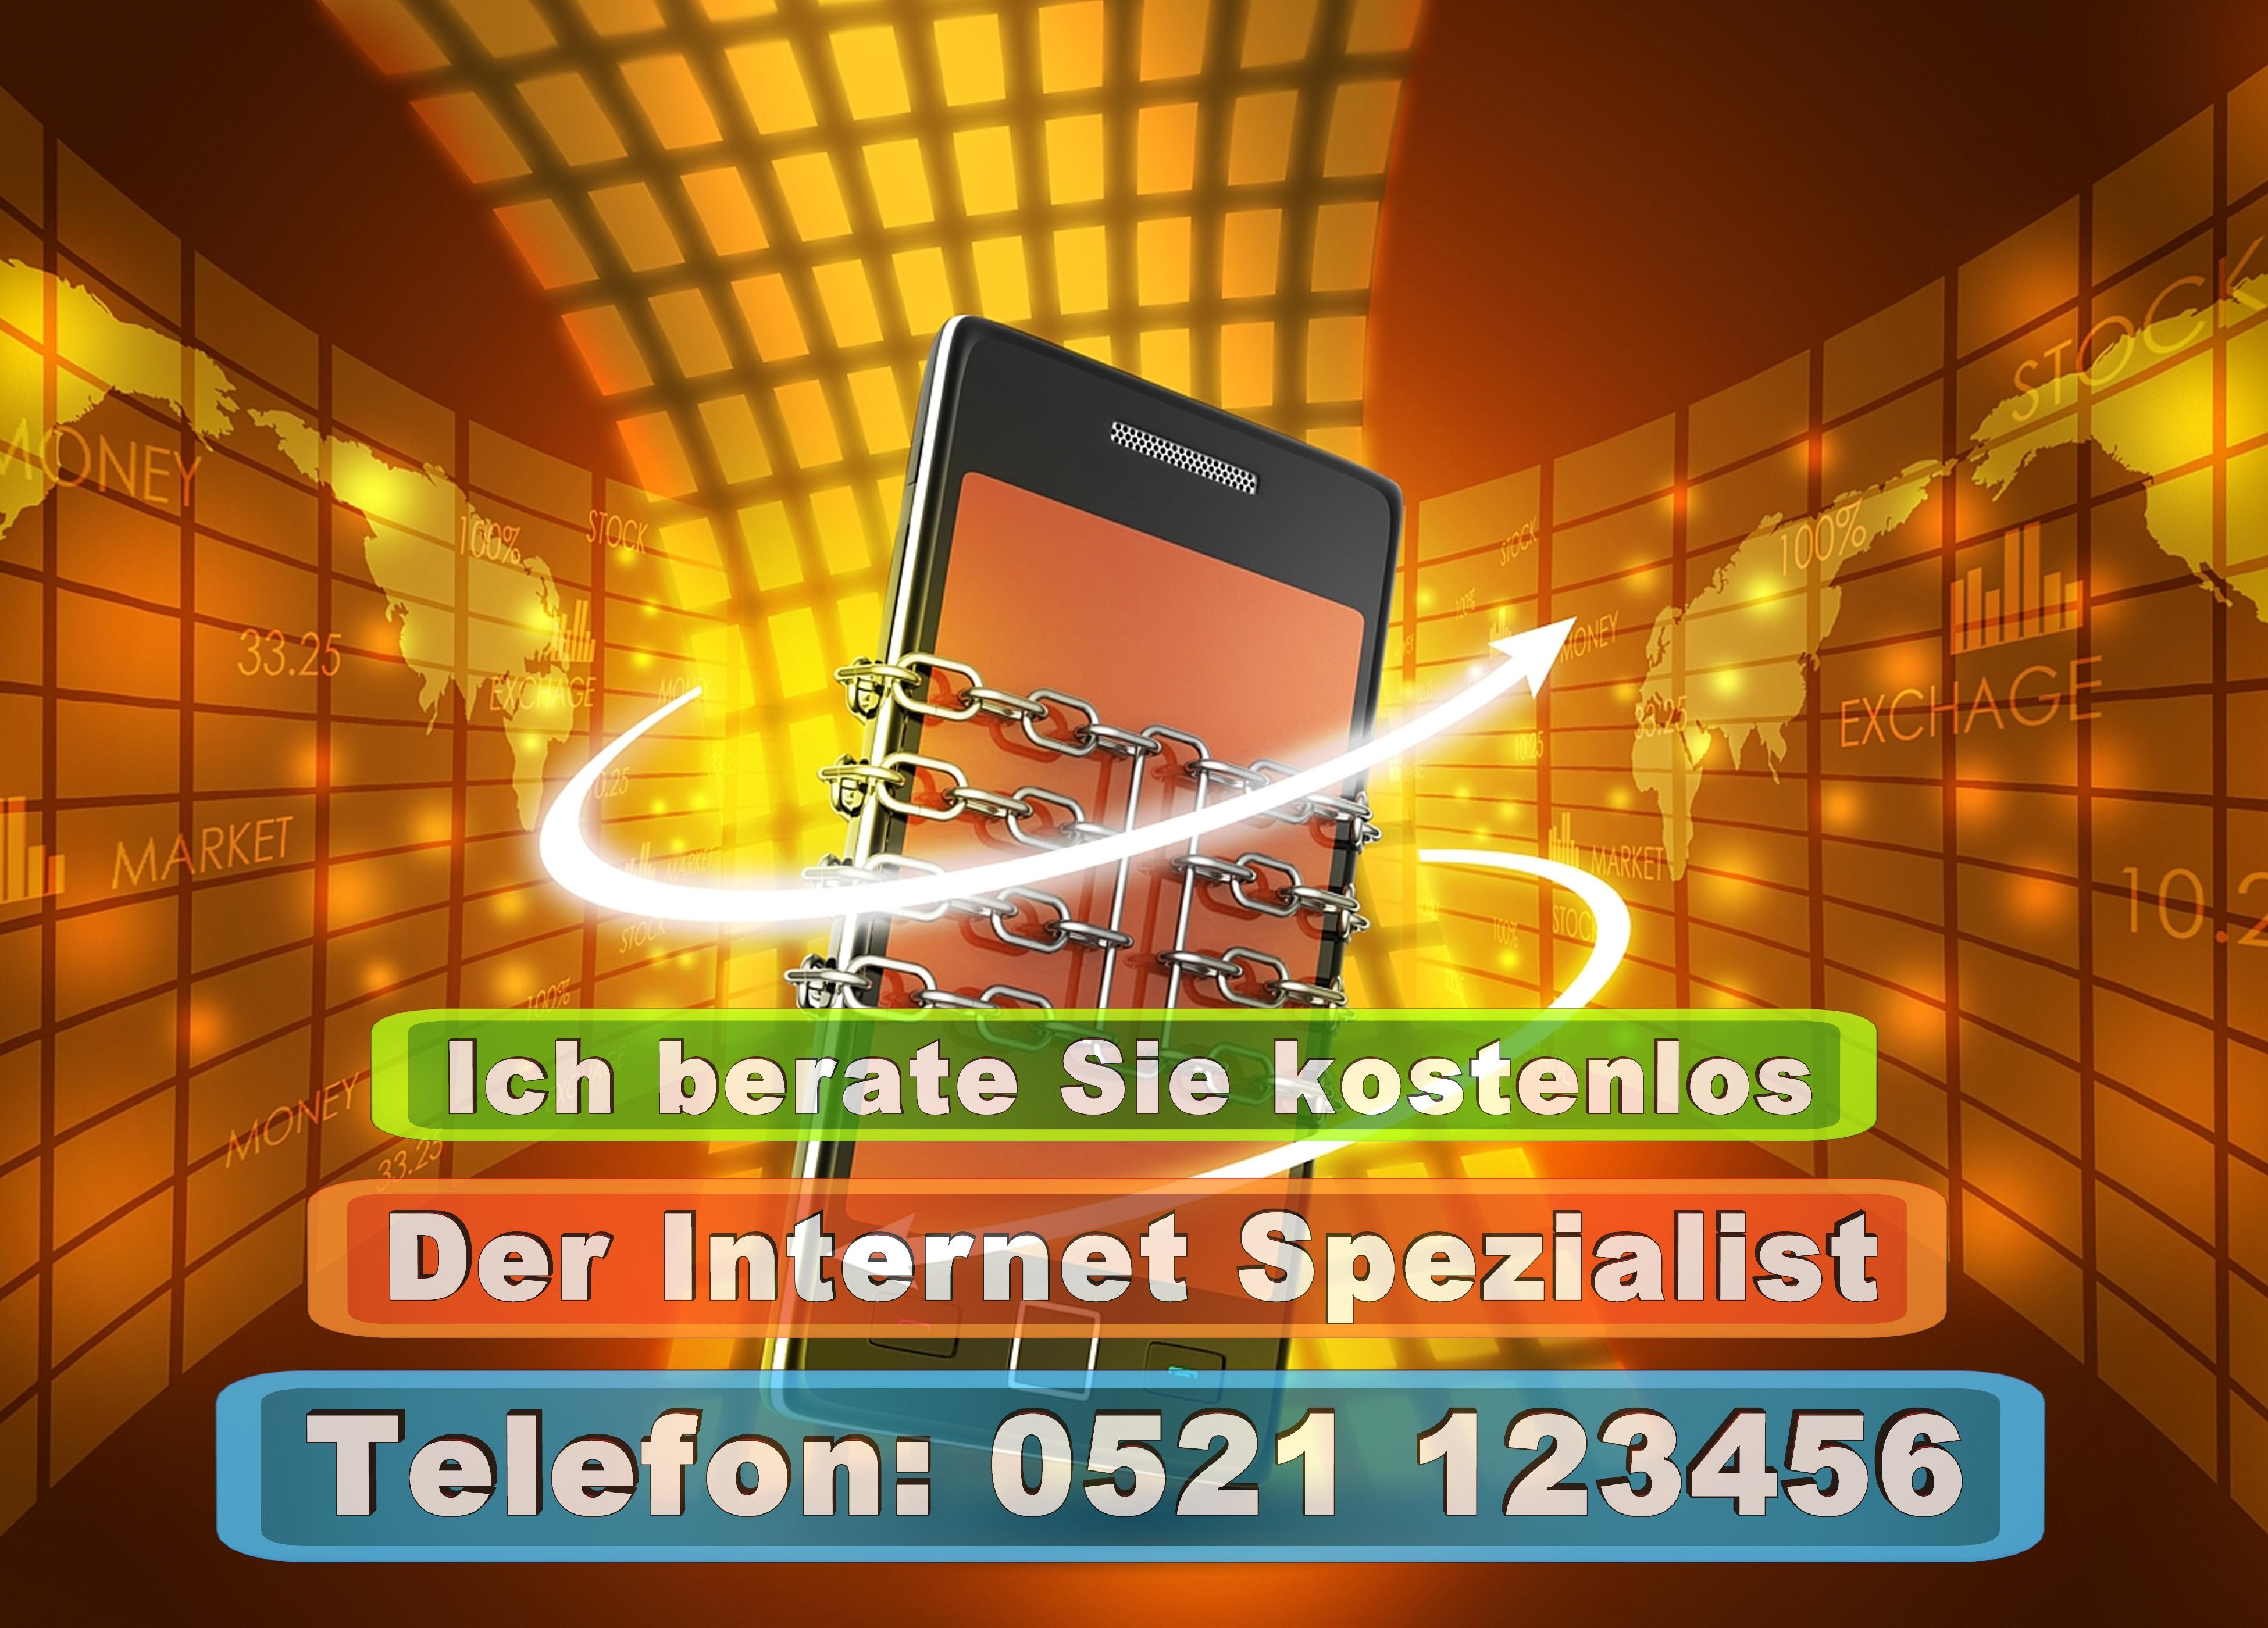 Werbeagentur Bielefeld Druckerei Bielefeld Prospekte Zeitung Visitenkarten Poster Werbung Print Presse Druck Fotografie Fotos Internet (30)